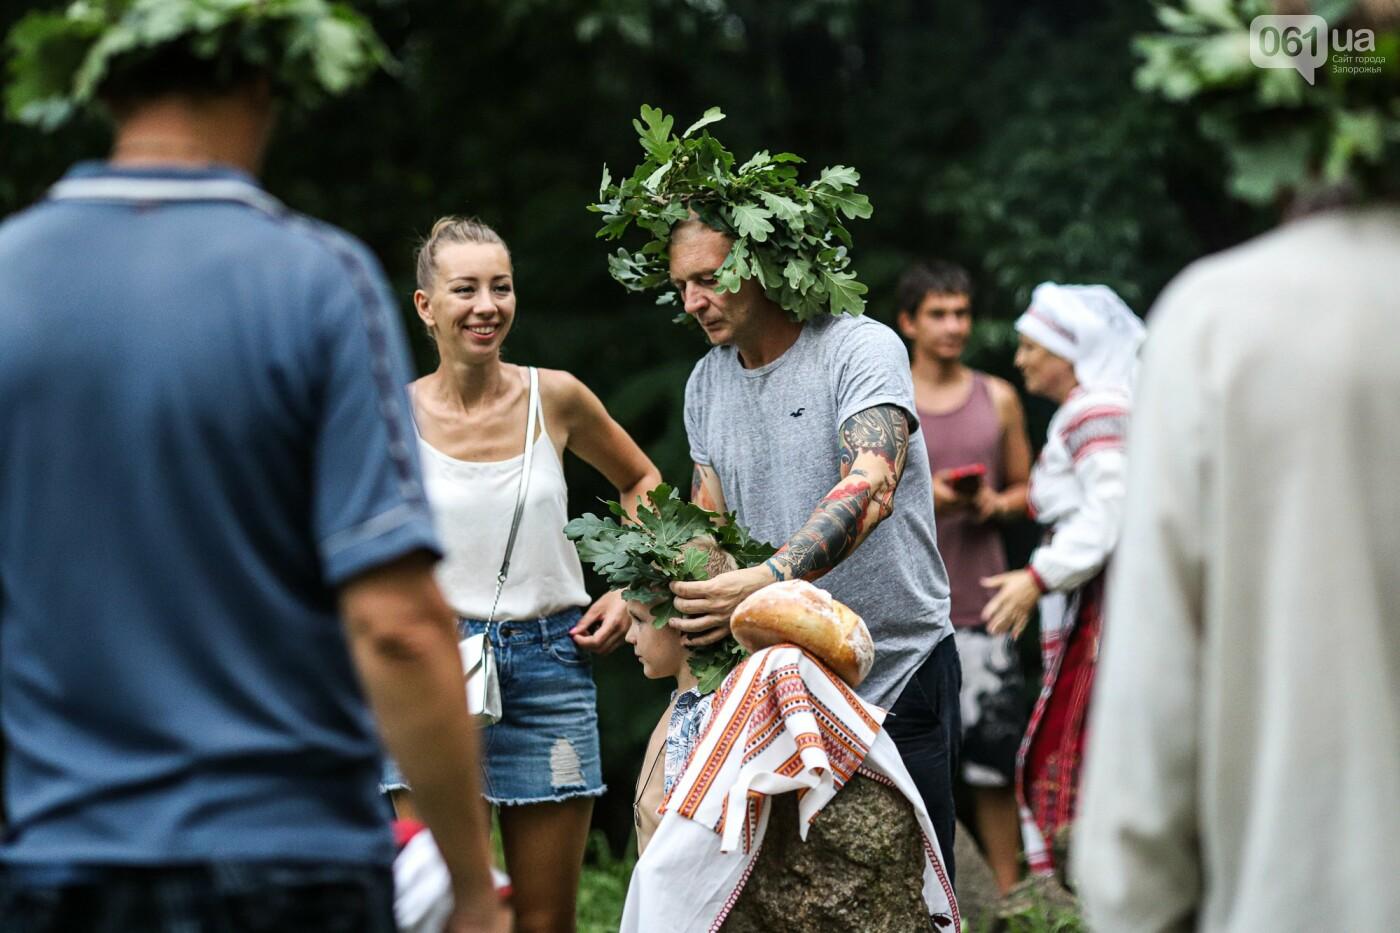 Огонь и дубовые венки: как на Хортице отметили праздник Перуна, - ФОТОРЕПОРТАЖ, фото-36